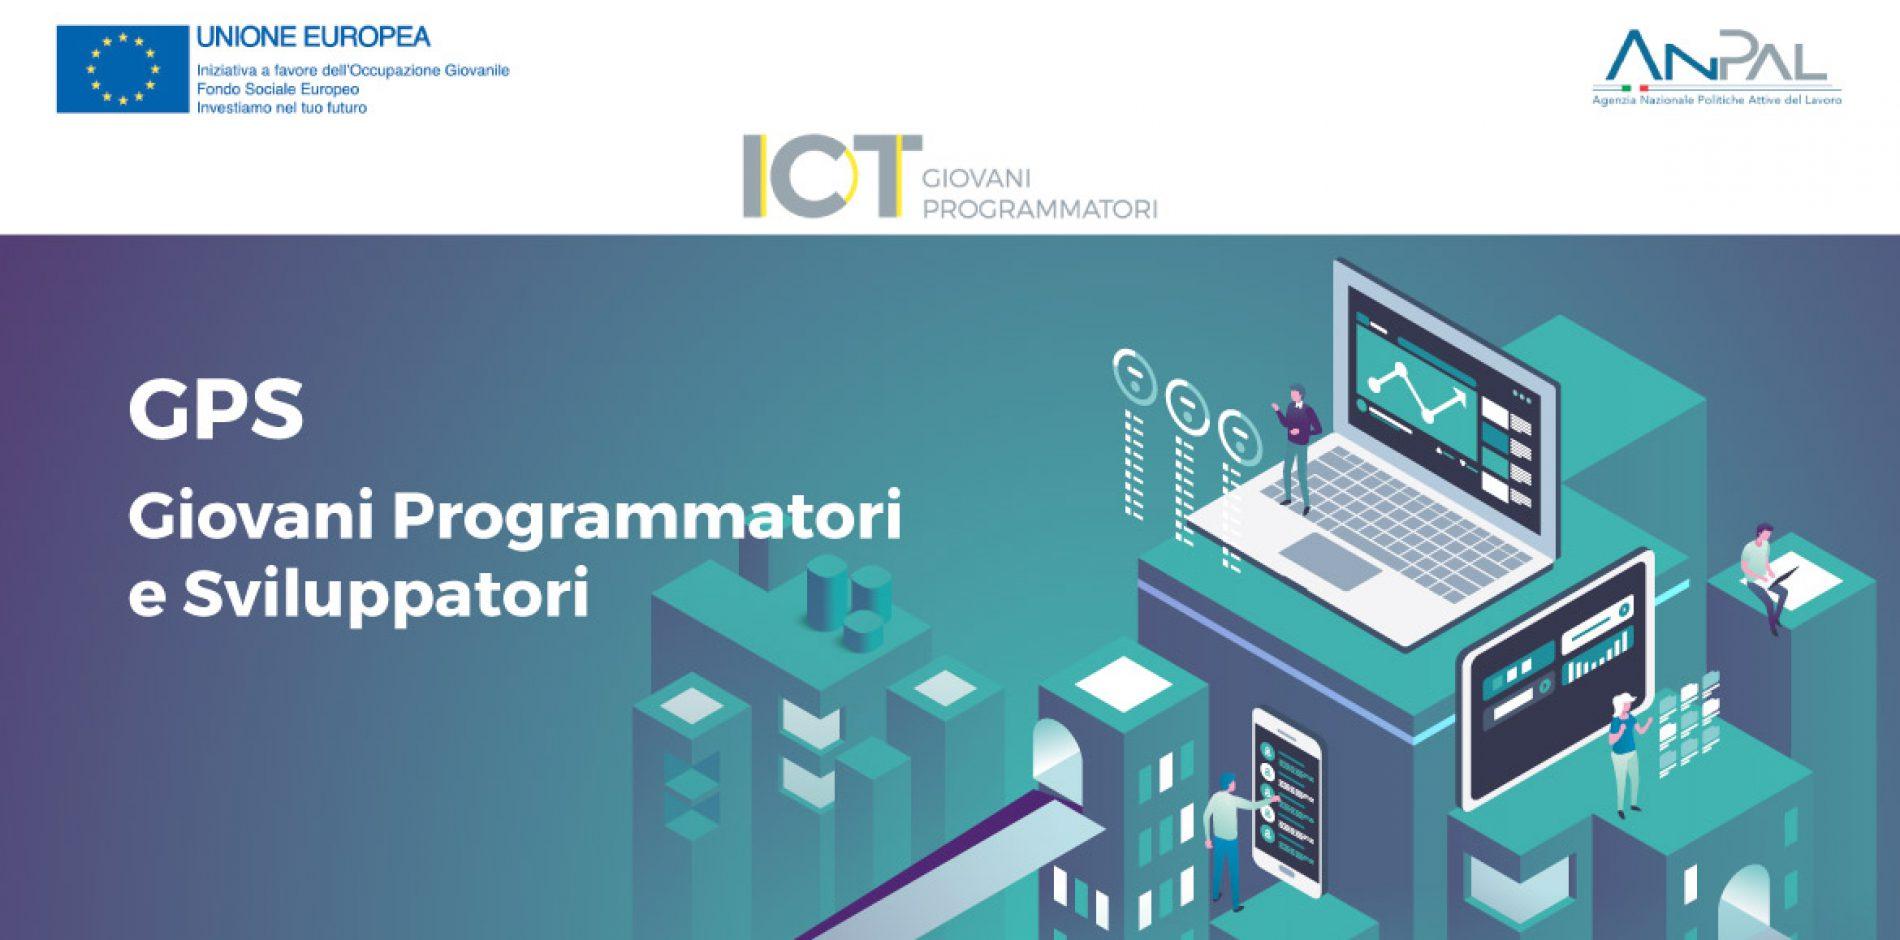 Progetto Gps – Giovani Programmatori e Sviluppatori